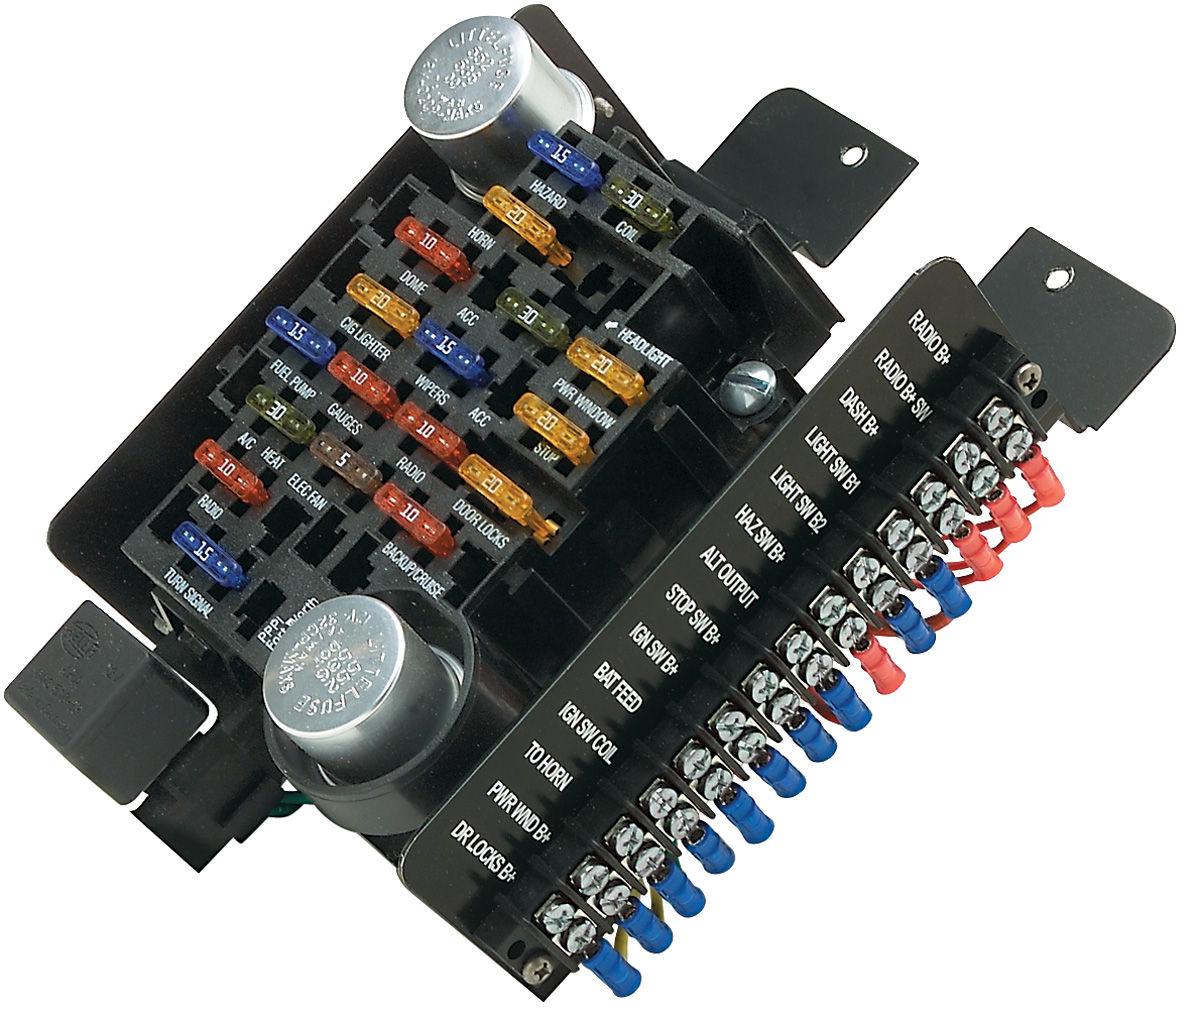 1985 el camino fuse box wiring diagram pmz85 el camino fuse box wiring  diagram 1985 el